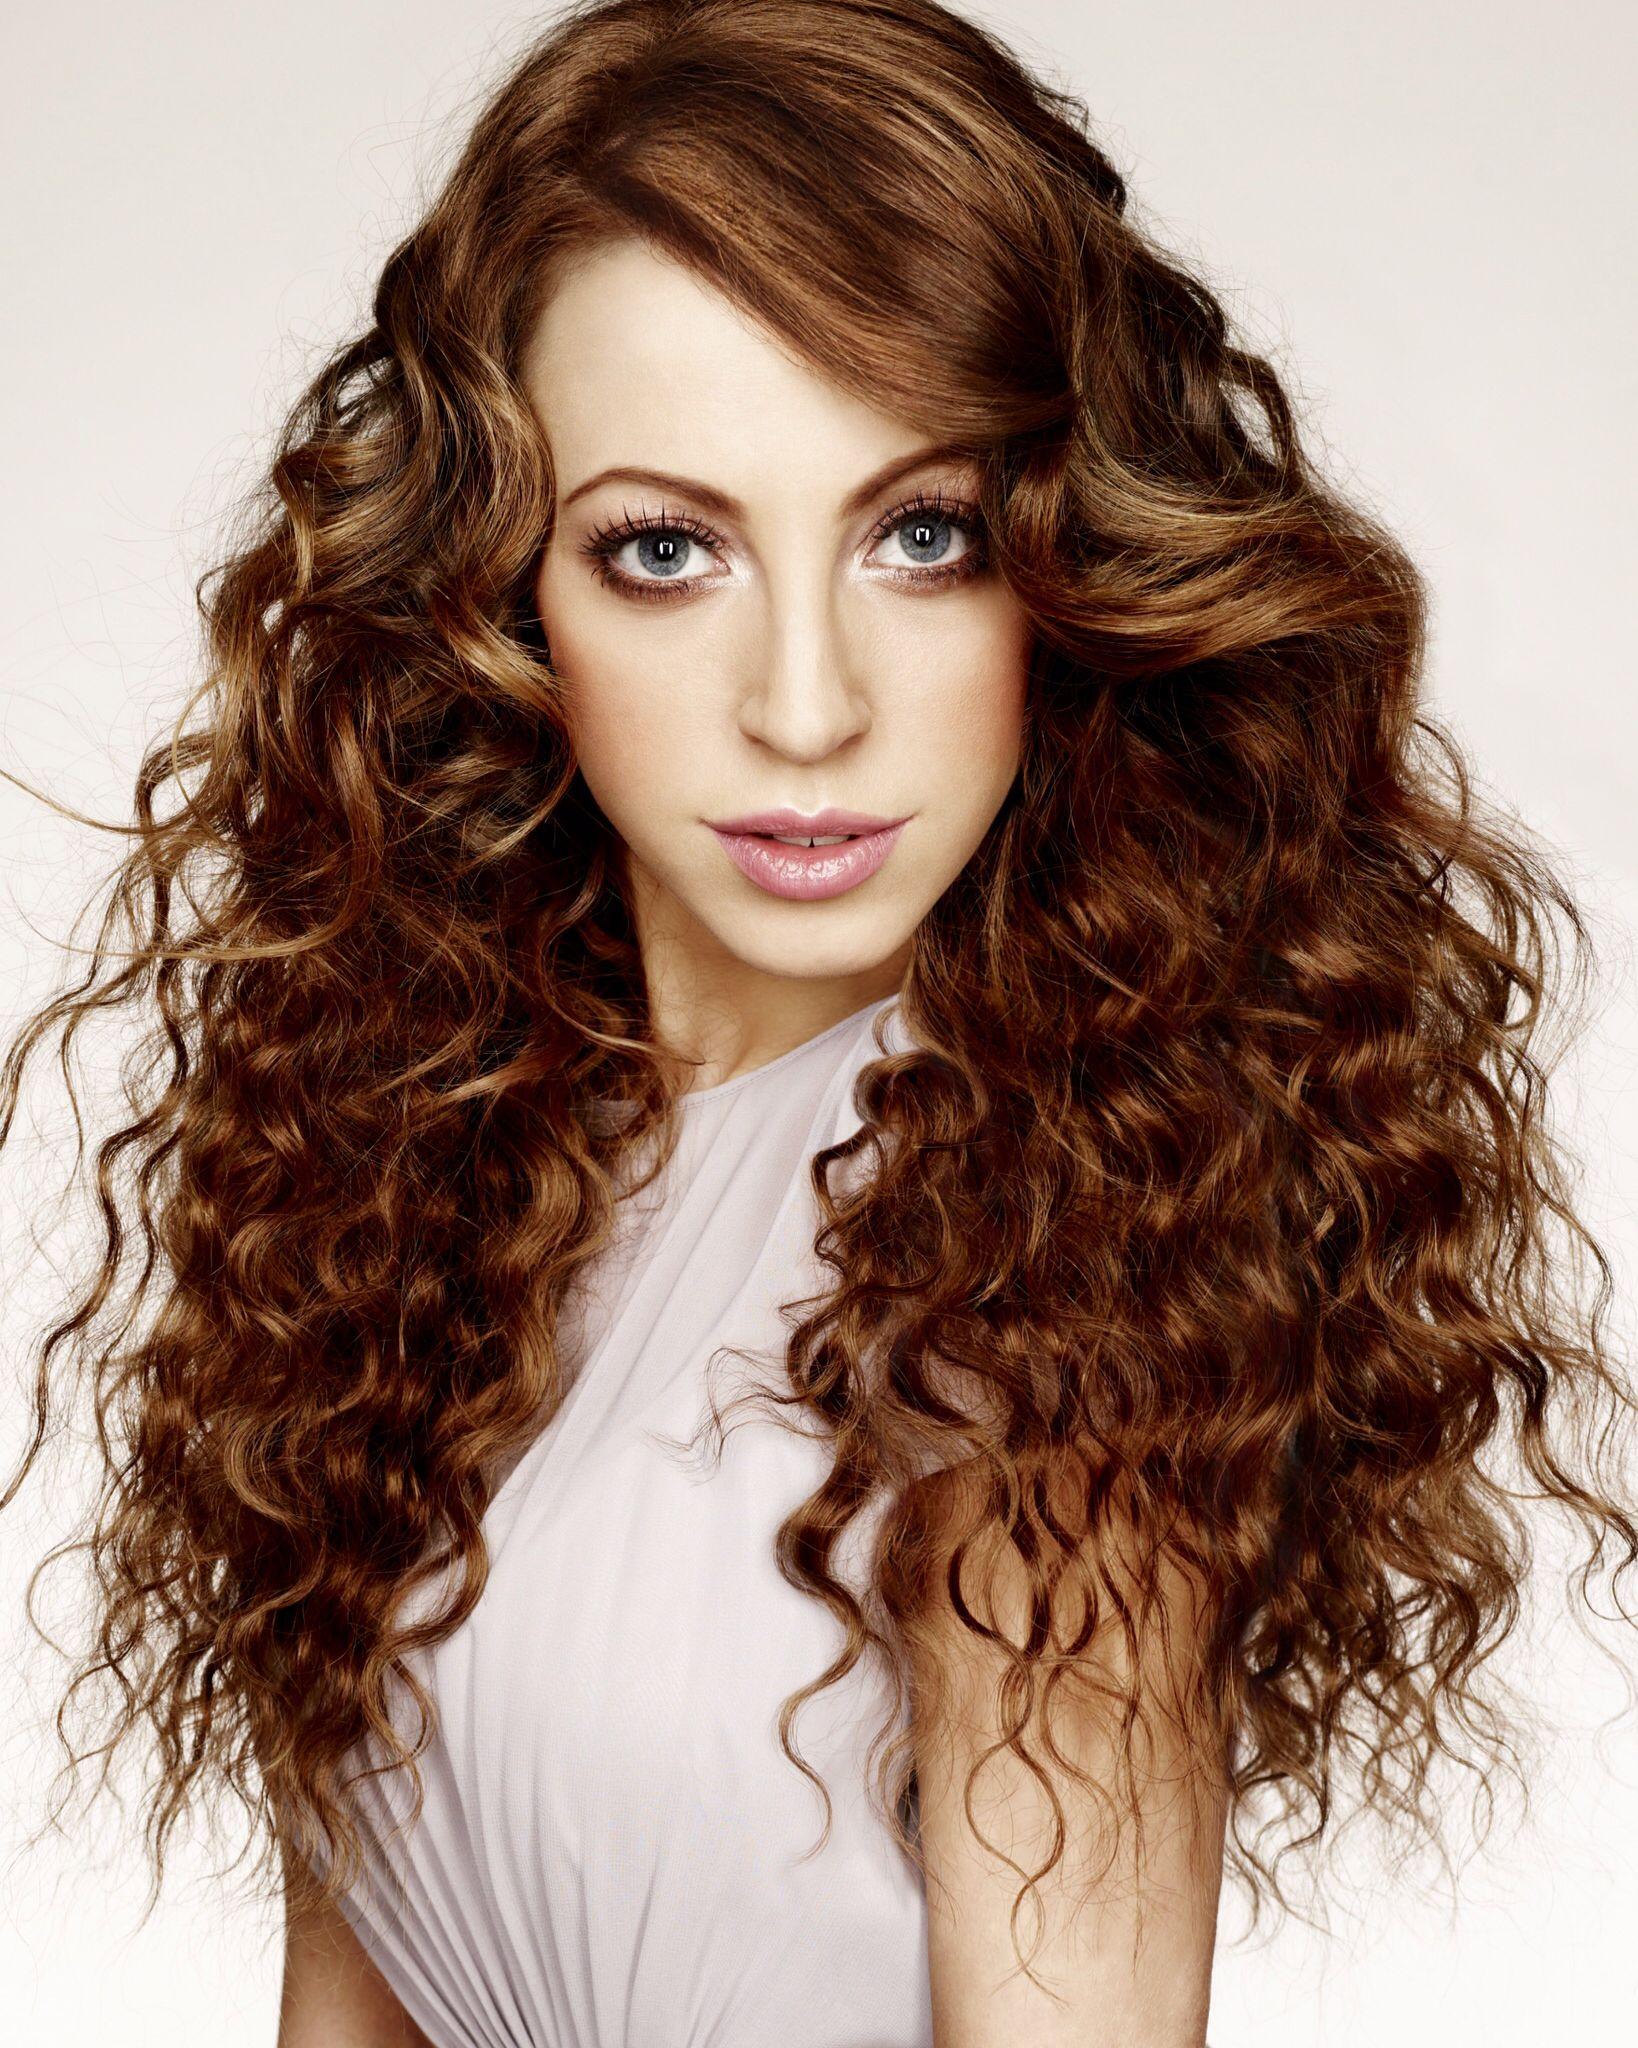 Beautiful face beautiful hair curly wavy brown hair hair